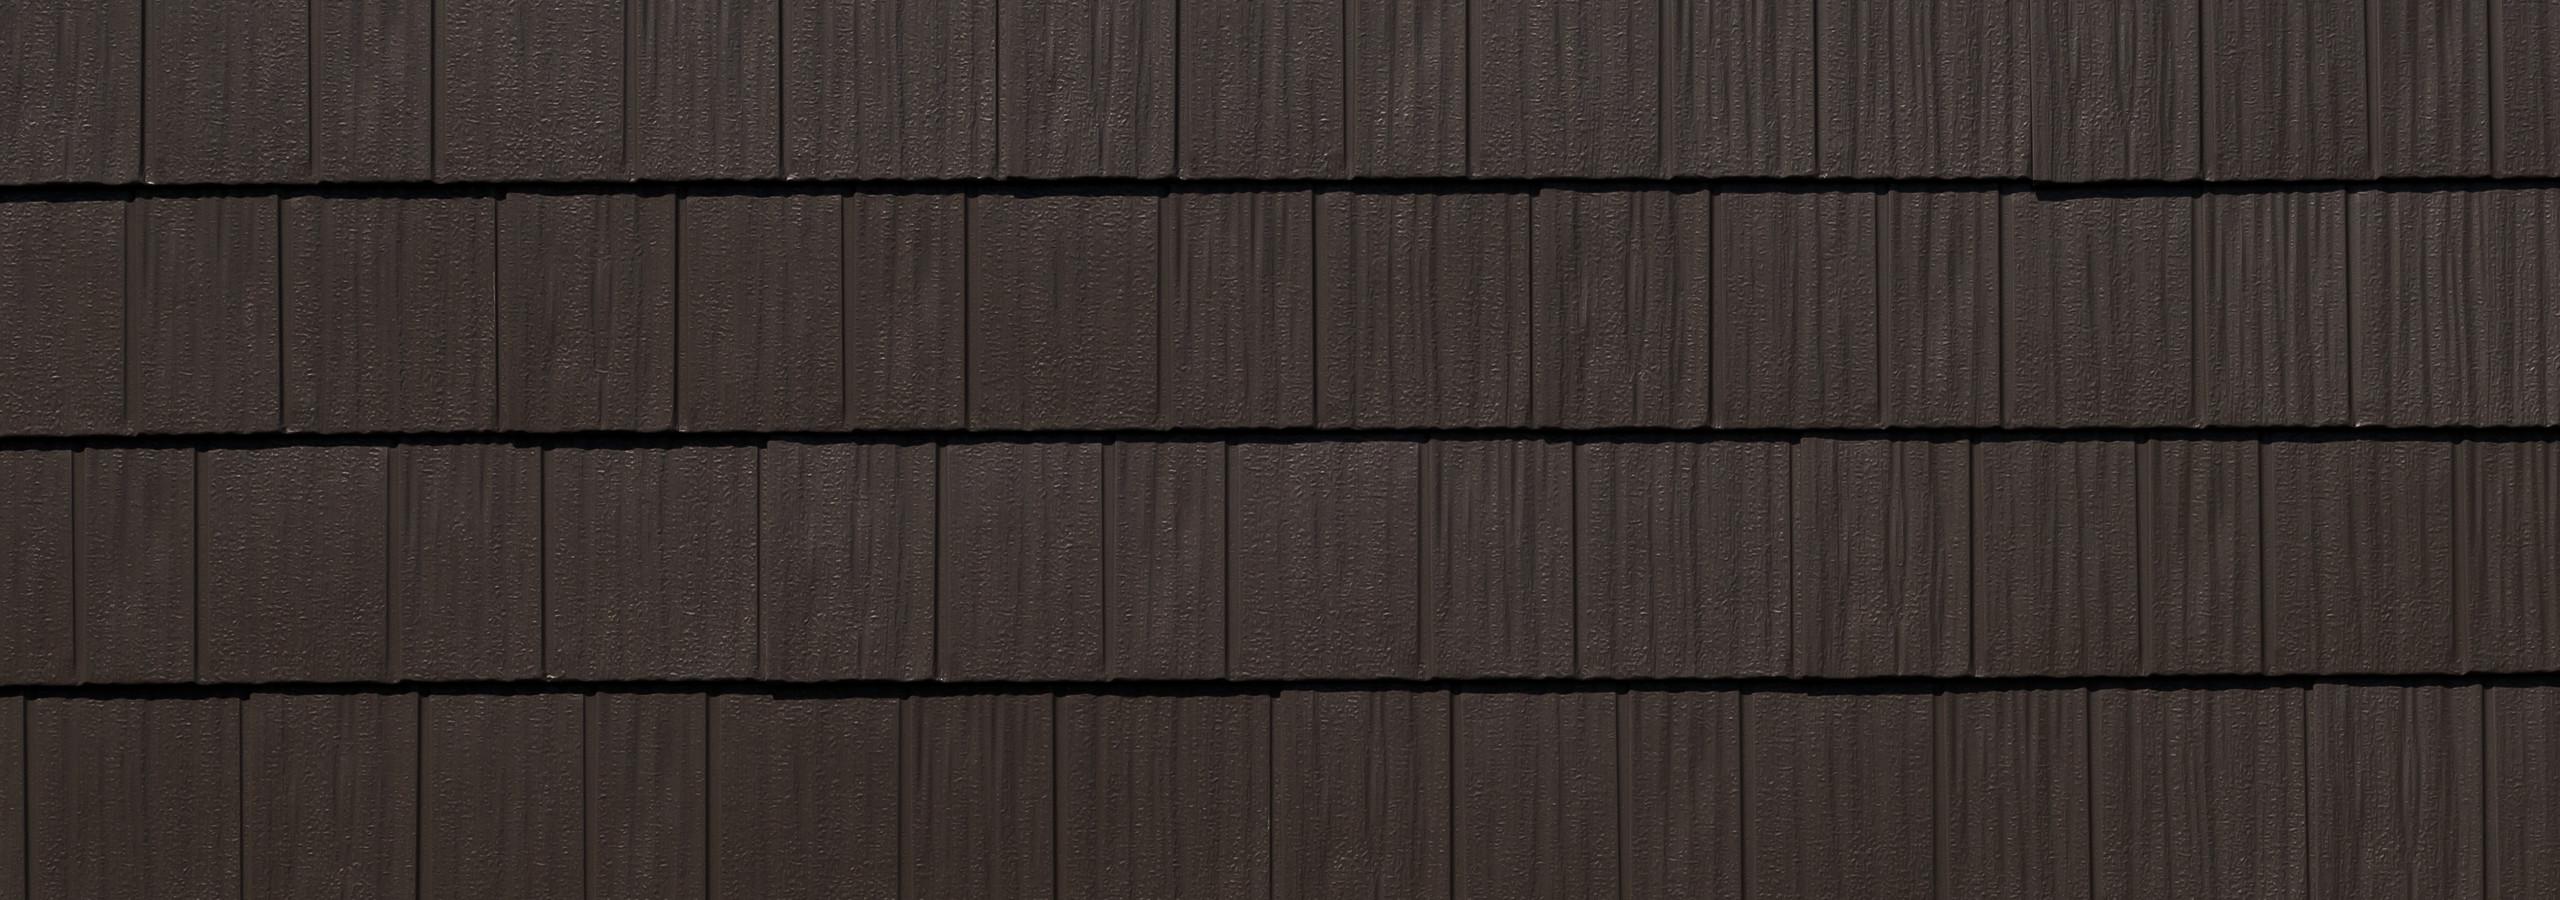 Bronze steel shake roofing